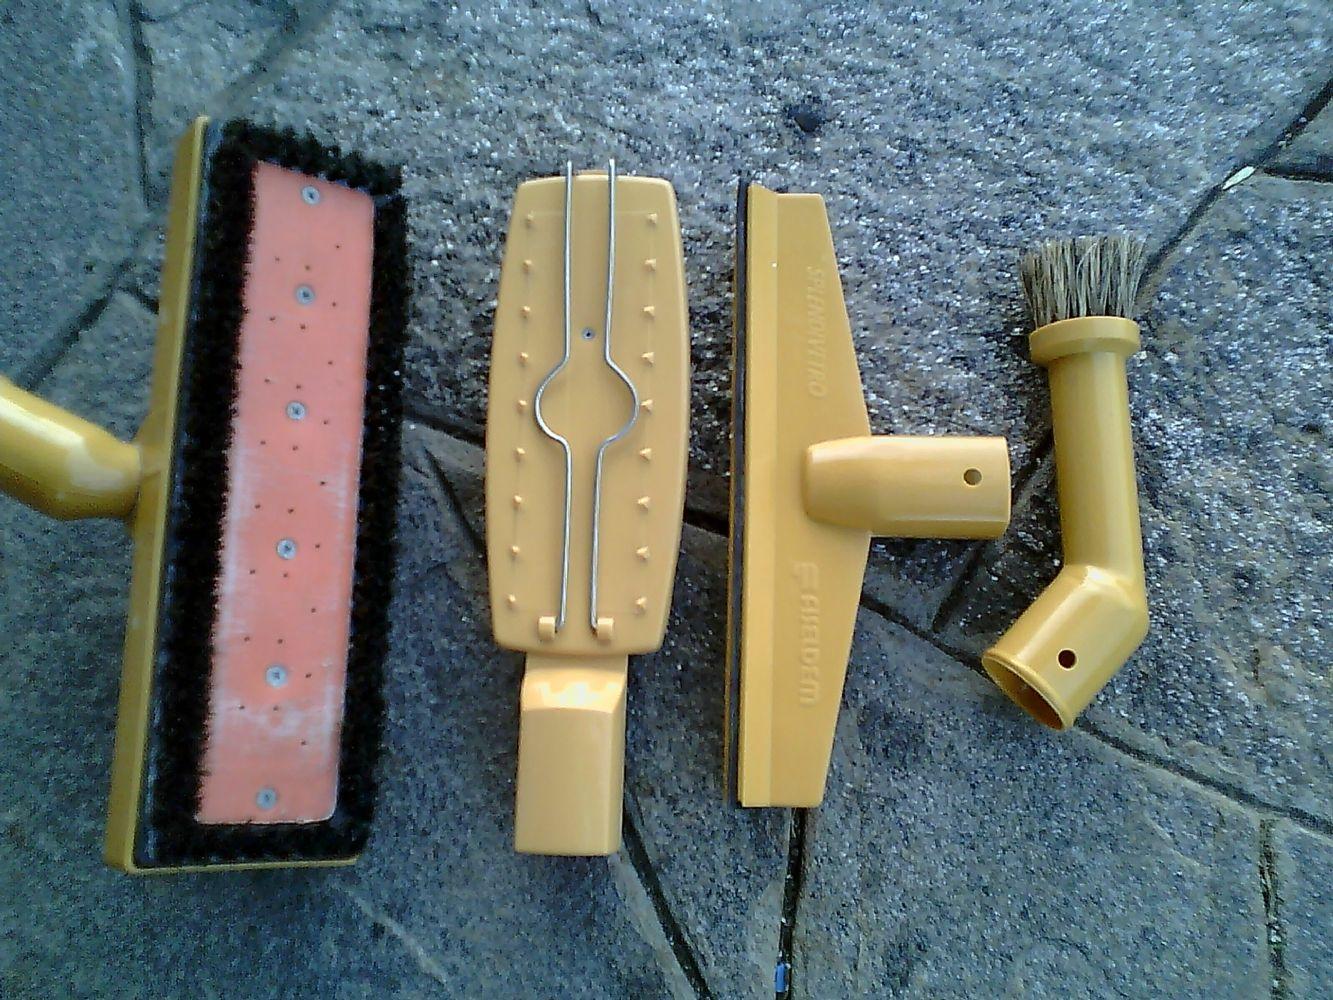 Baratto scambio vaporella accessori elettronica for Oggetti usati in regalo